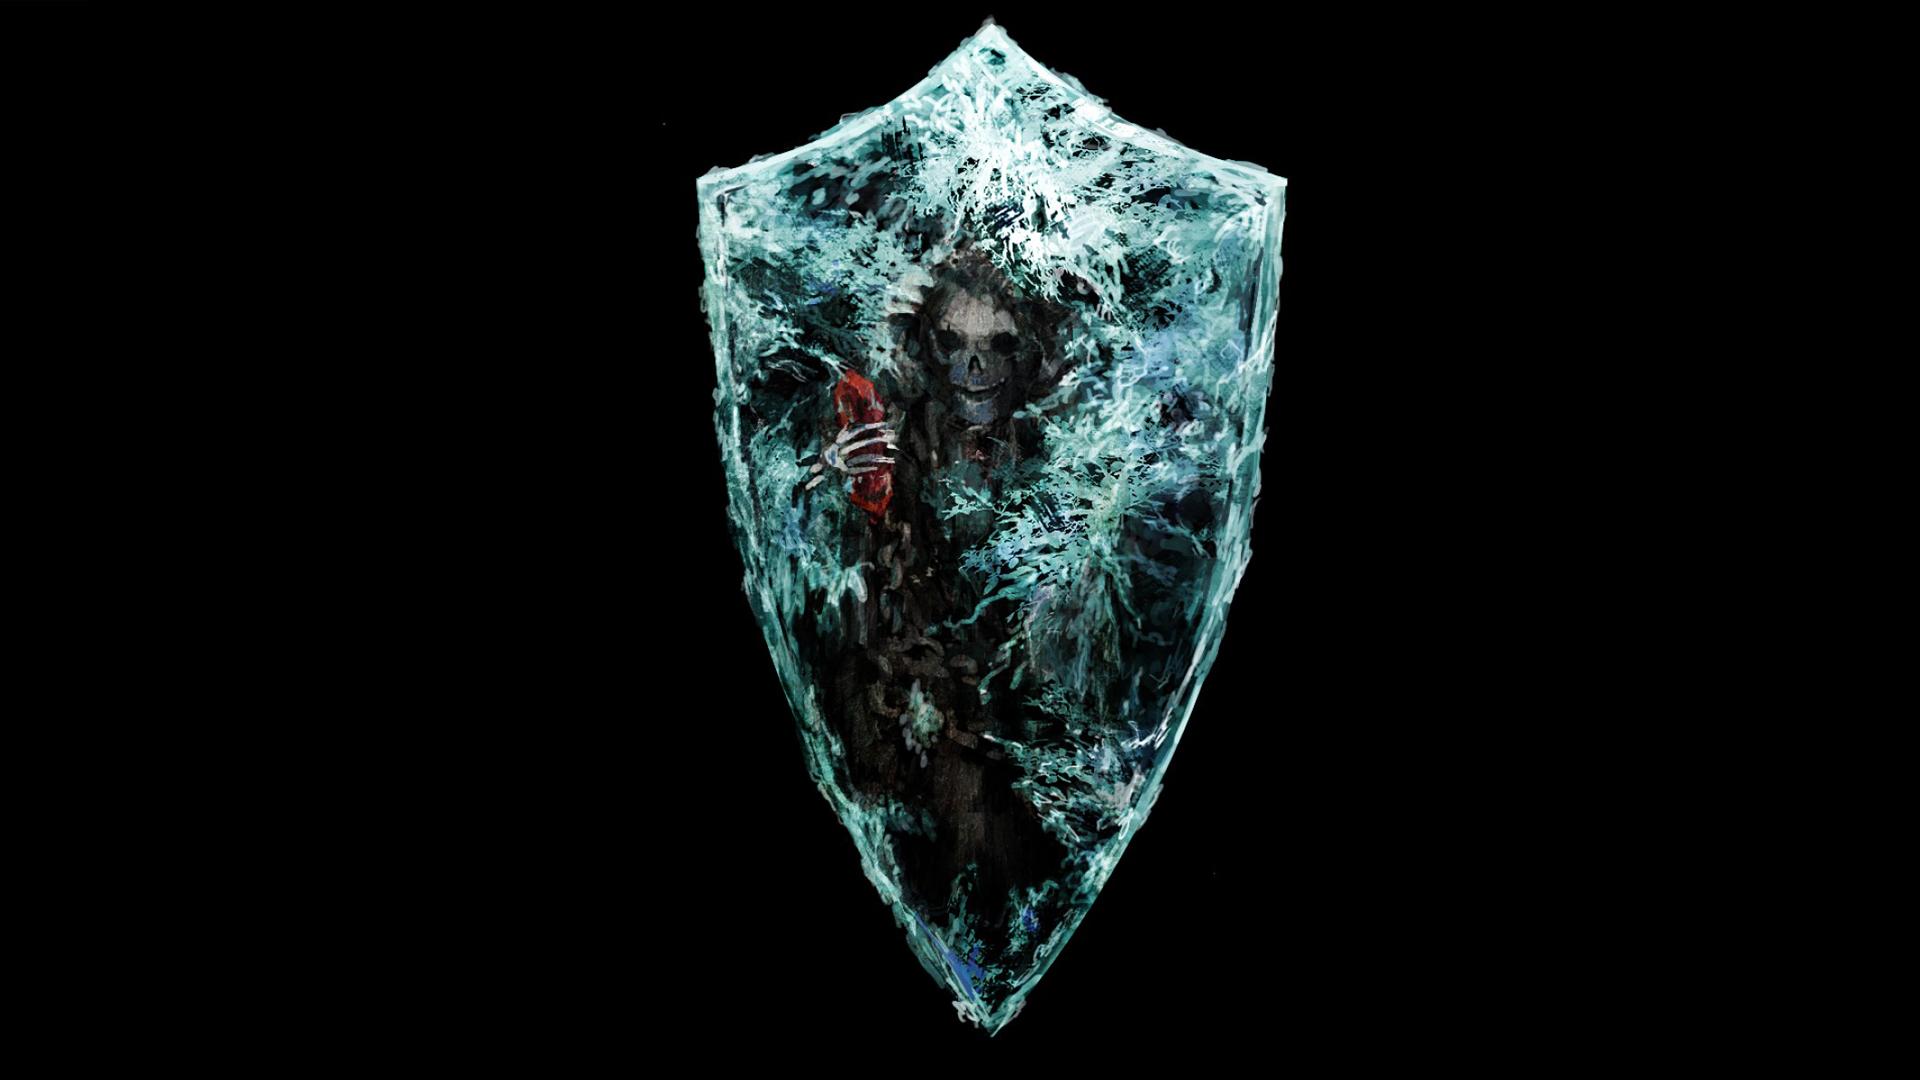 Dark Souls Wallpaper Oroboro Get Rekt By Sohlol On